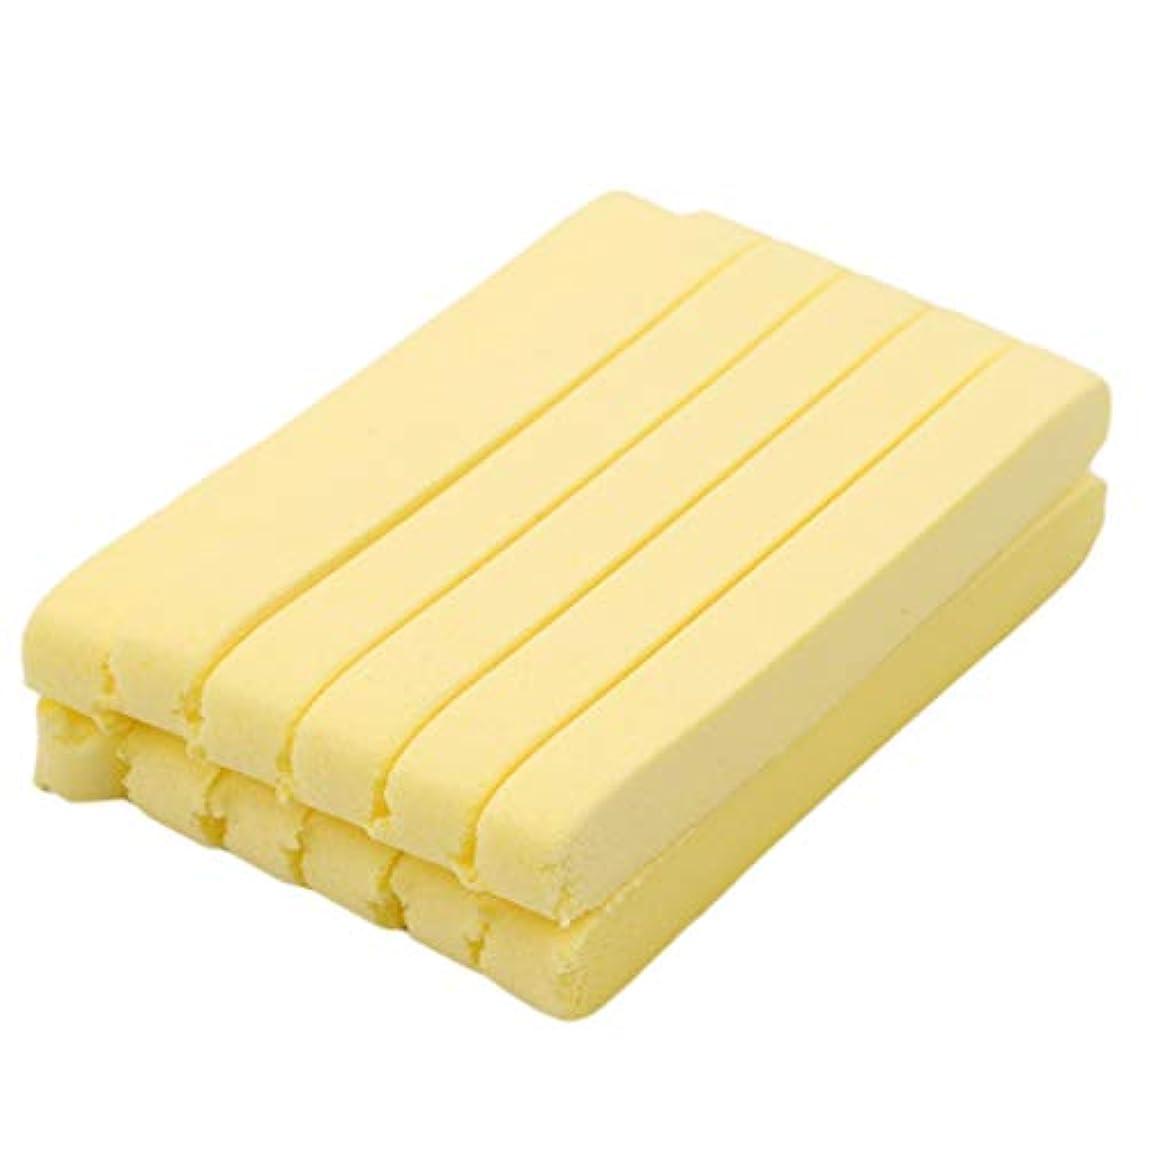 発火する残る寝具GOMYIE 12ピースコンプレッションサロンスパクレンジングローションパフスポンジスティッククレンザー(黄色)